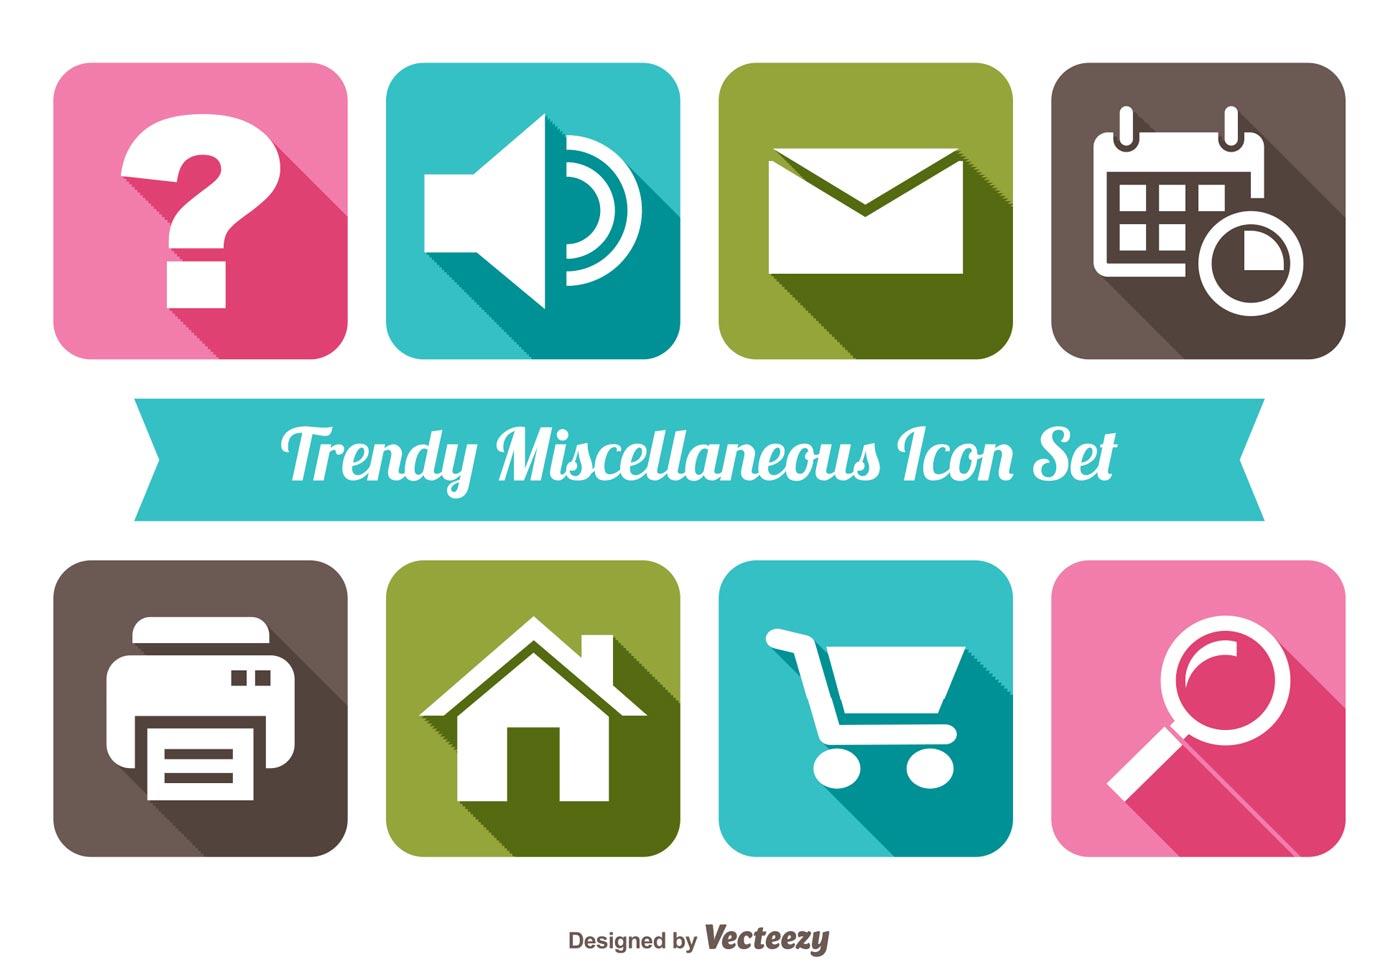 Trendy Miscellaneous Icon Set